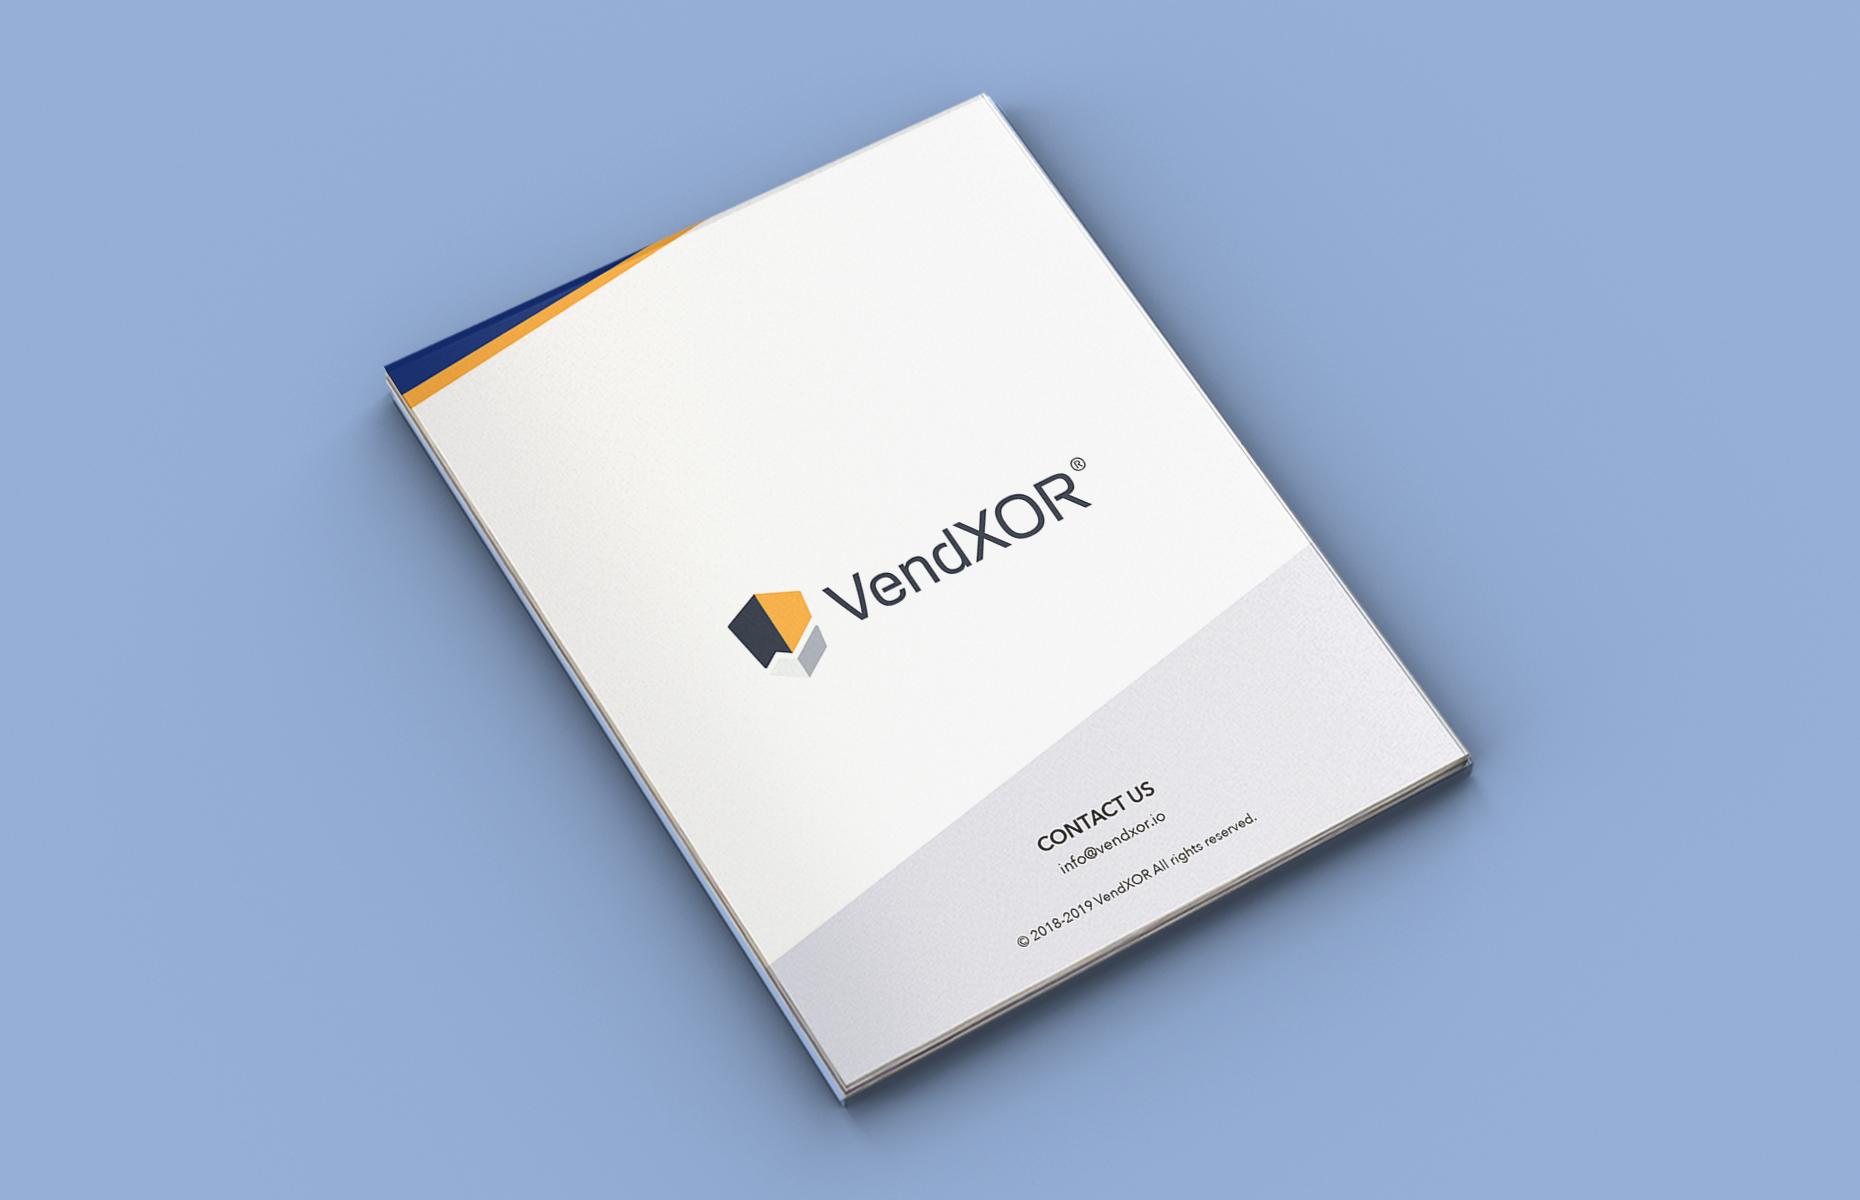 VendXOR-Whitepaper-Lite-Mockup-Back